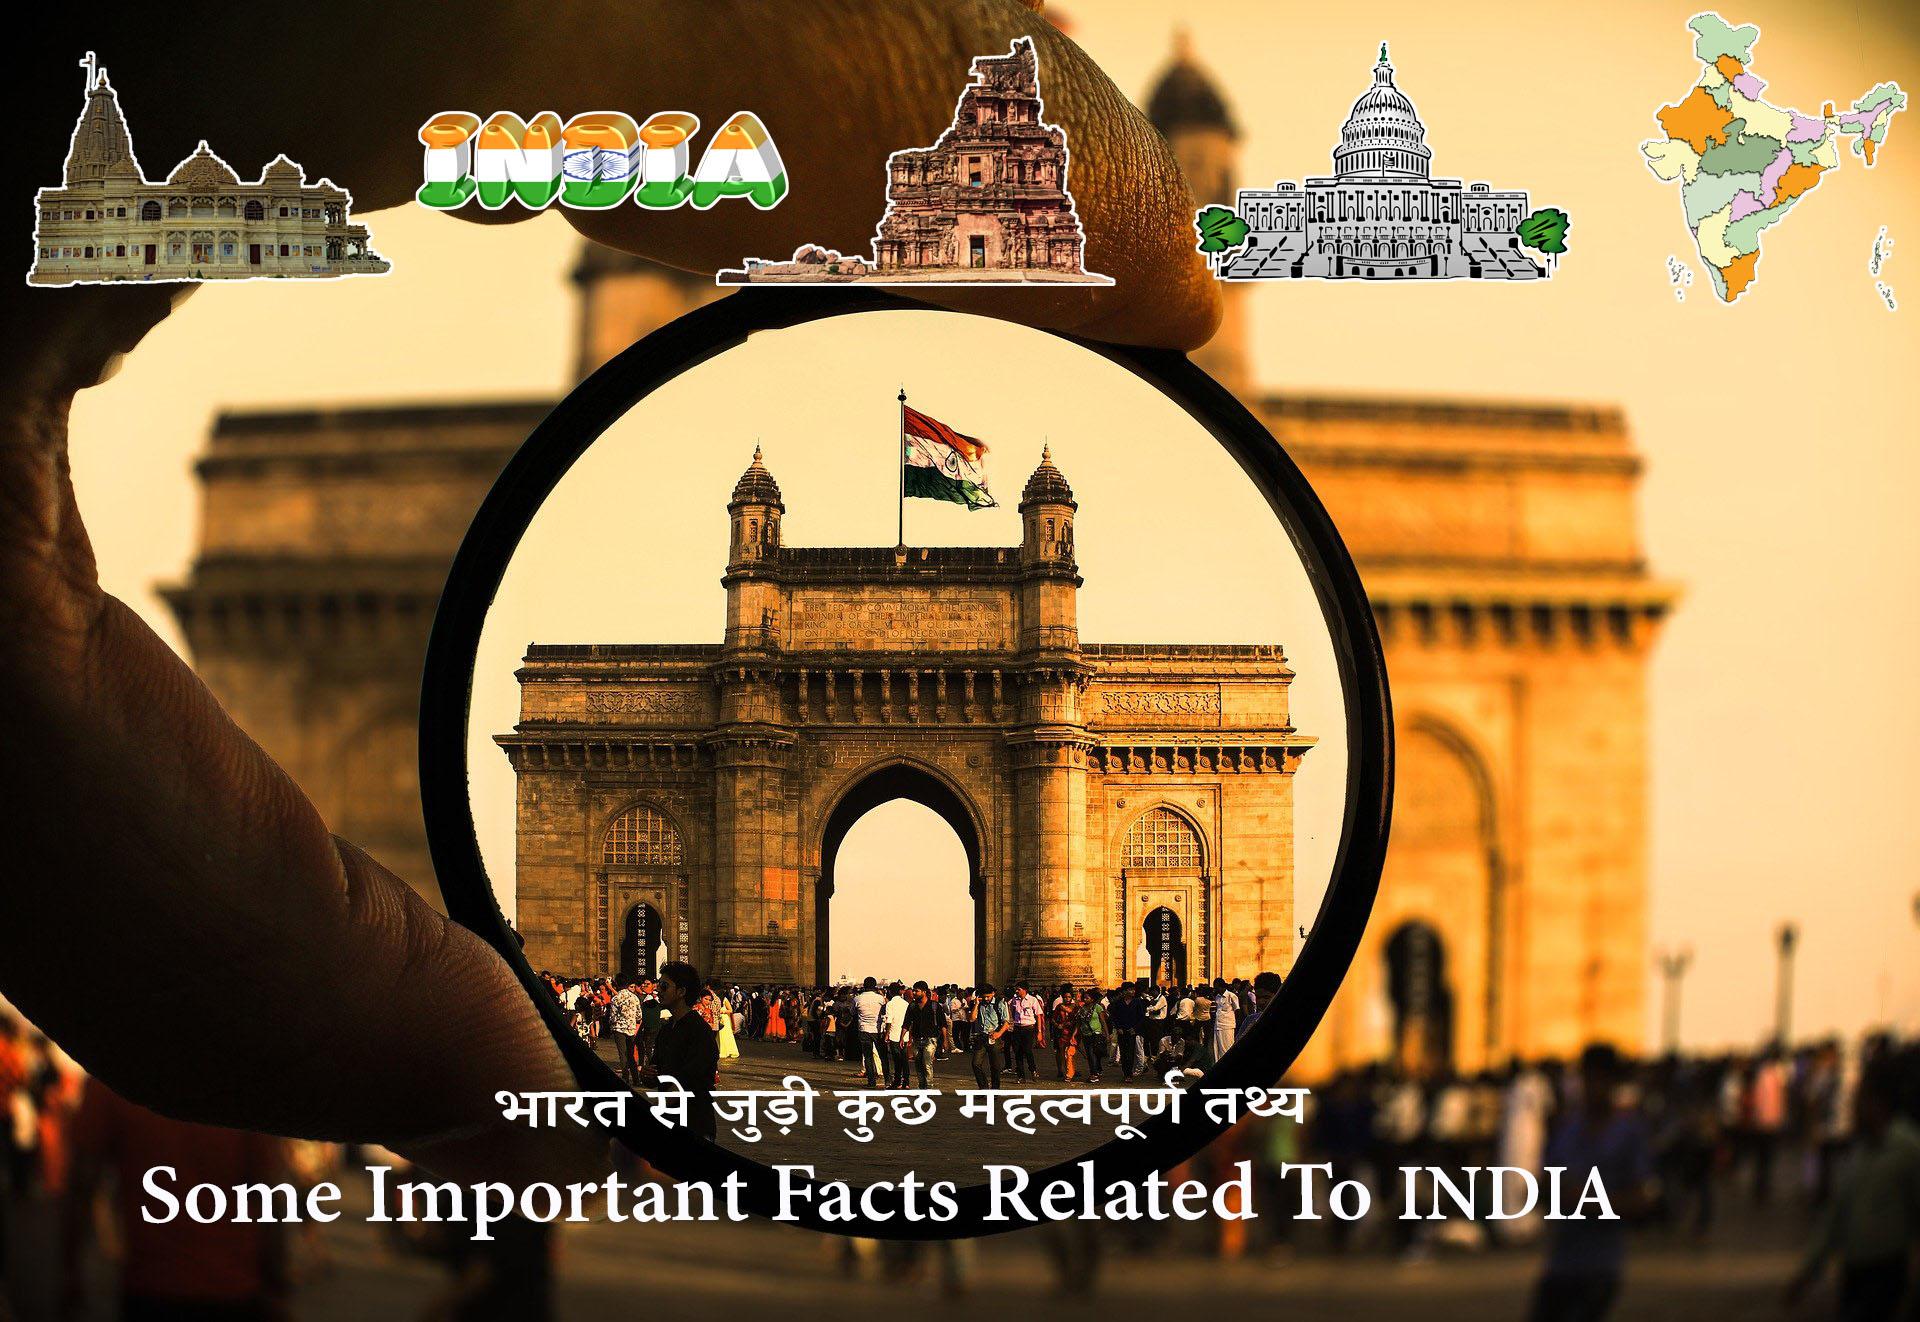 भारत से जुड़ी कुछ महत्वपूर्ण तथ्य